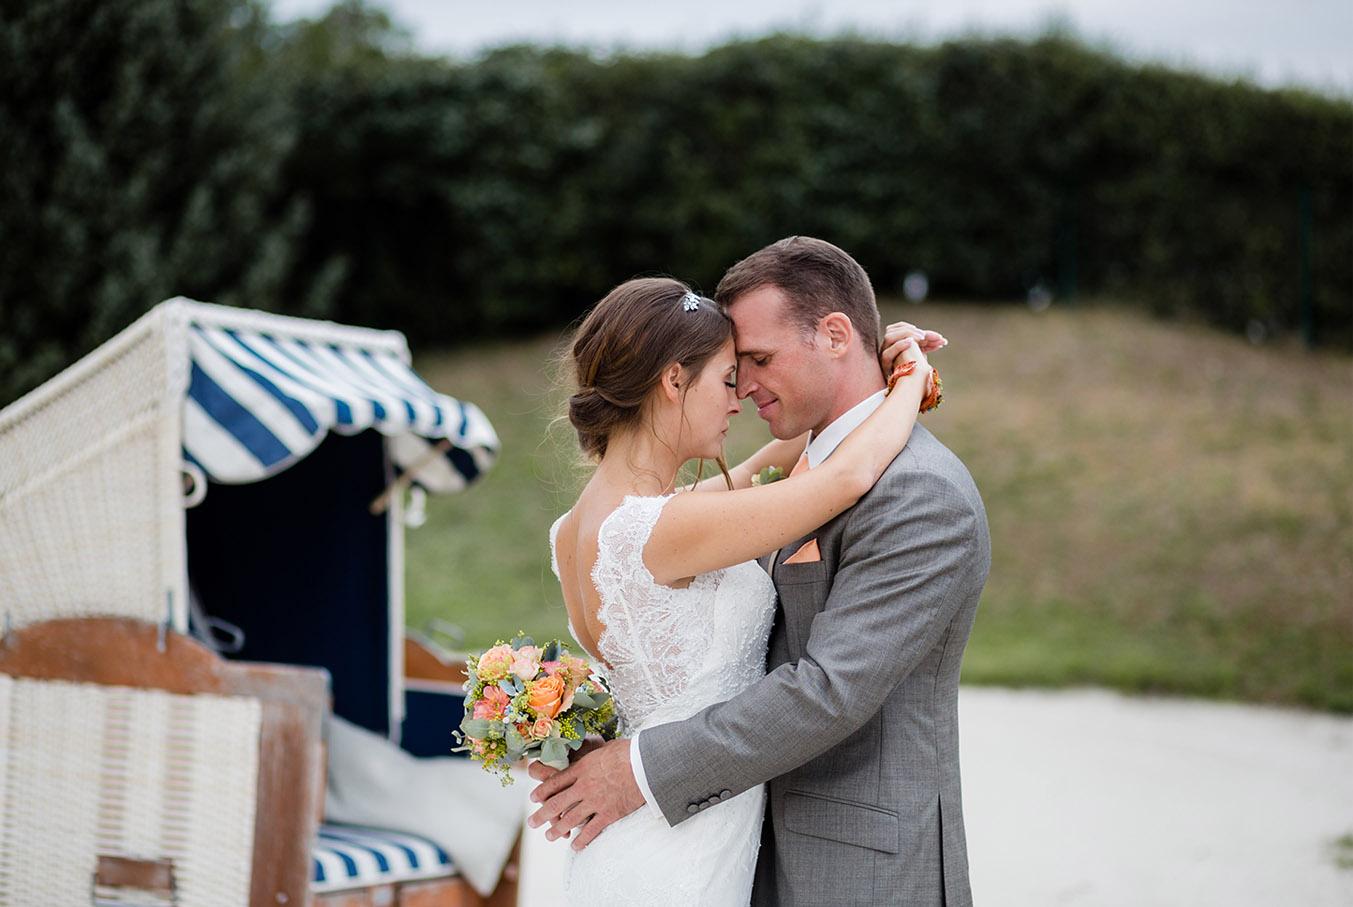 Vienna_Wien_Atzenbrugg_Hochzeit_Paar_Verlobung_Engagement_56